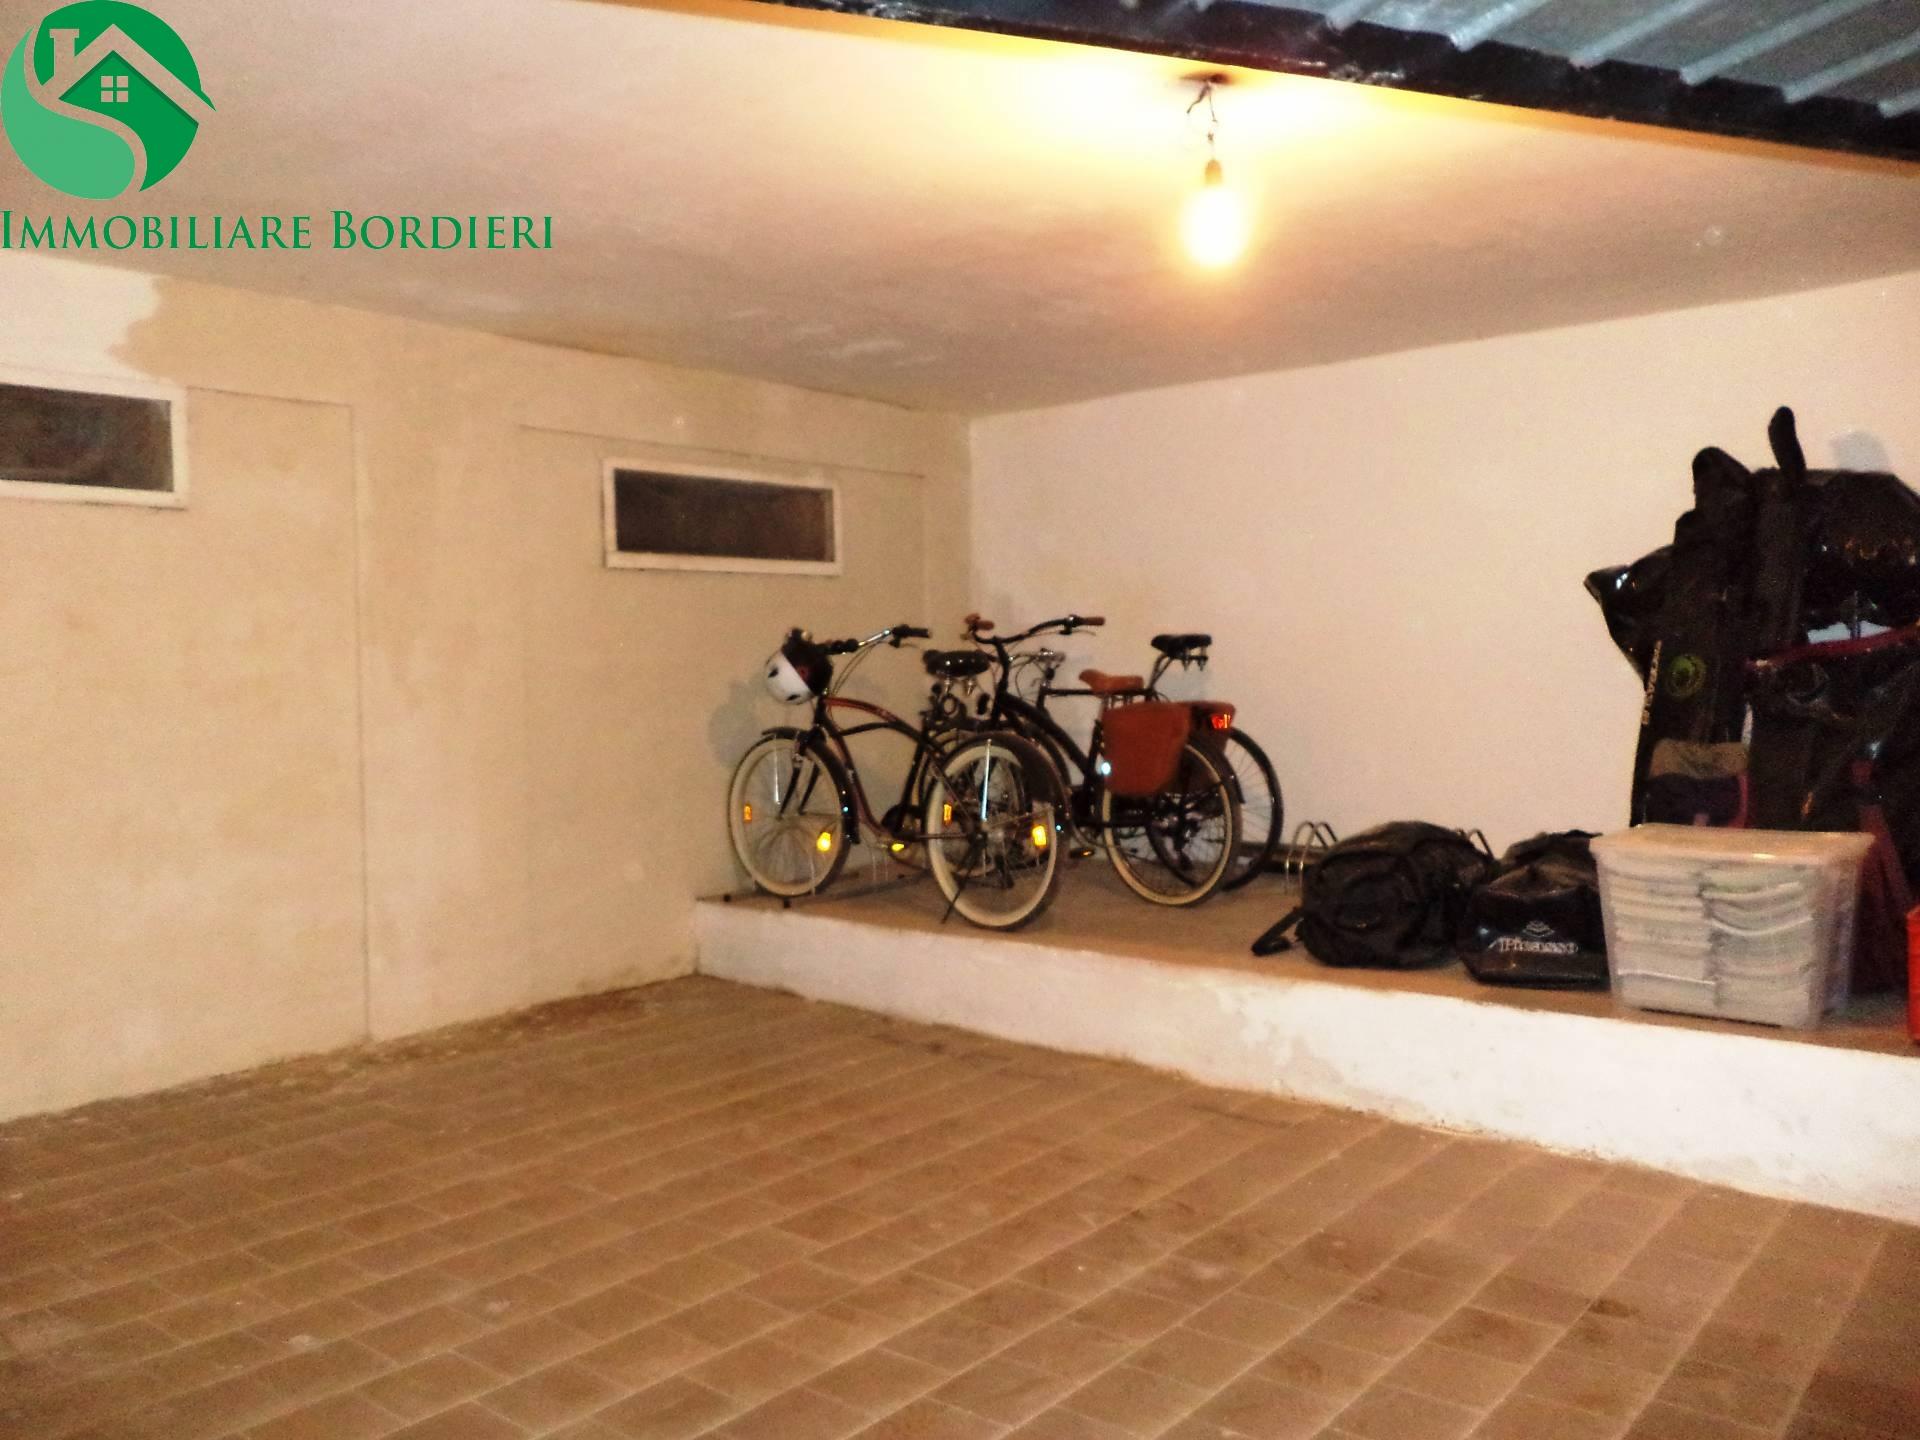 Box / Garage in vendita a Siracusa, 1 locali, zona Località: SanGiovanni, prezzo € 18.000 | CambioCasa.it